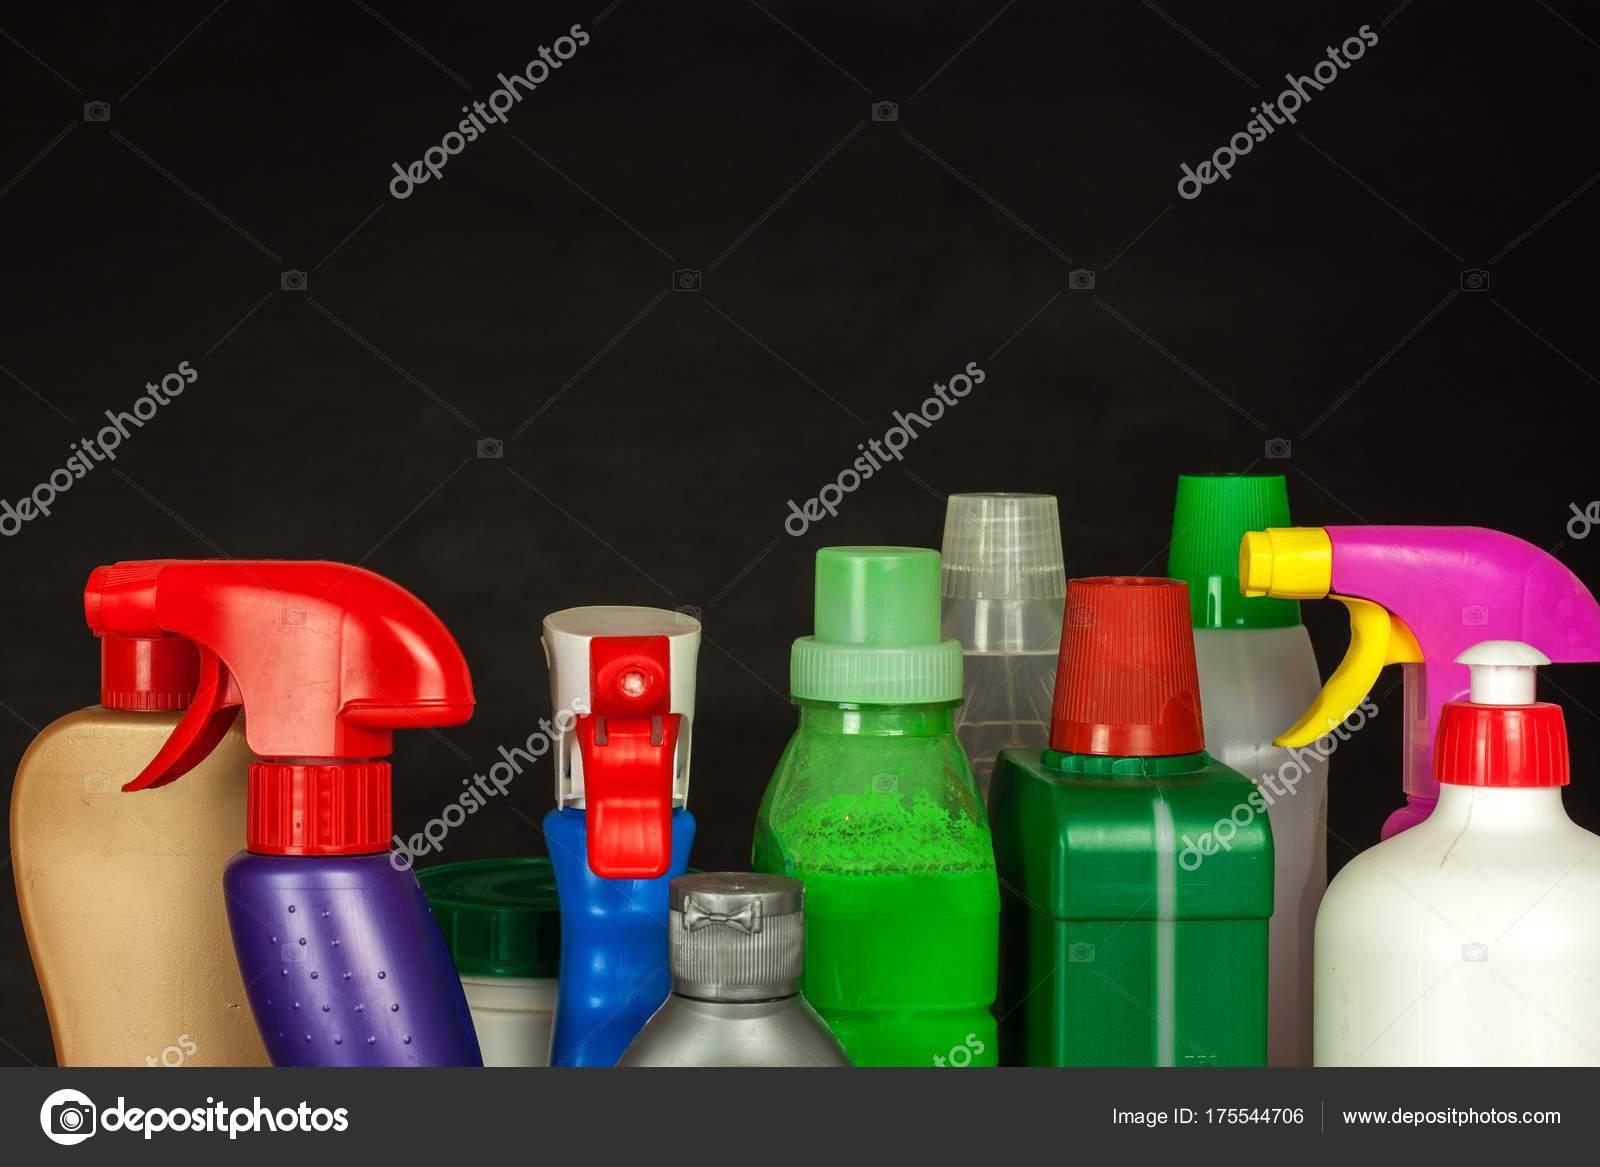 Produtos De Limpeza Dom Sticos Detergente Venda De Produtos